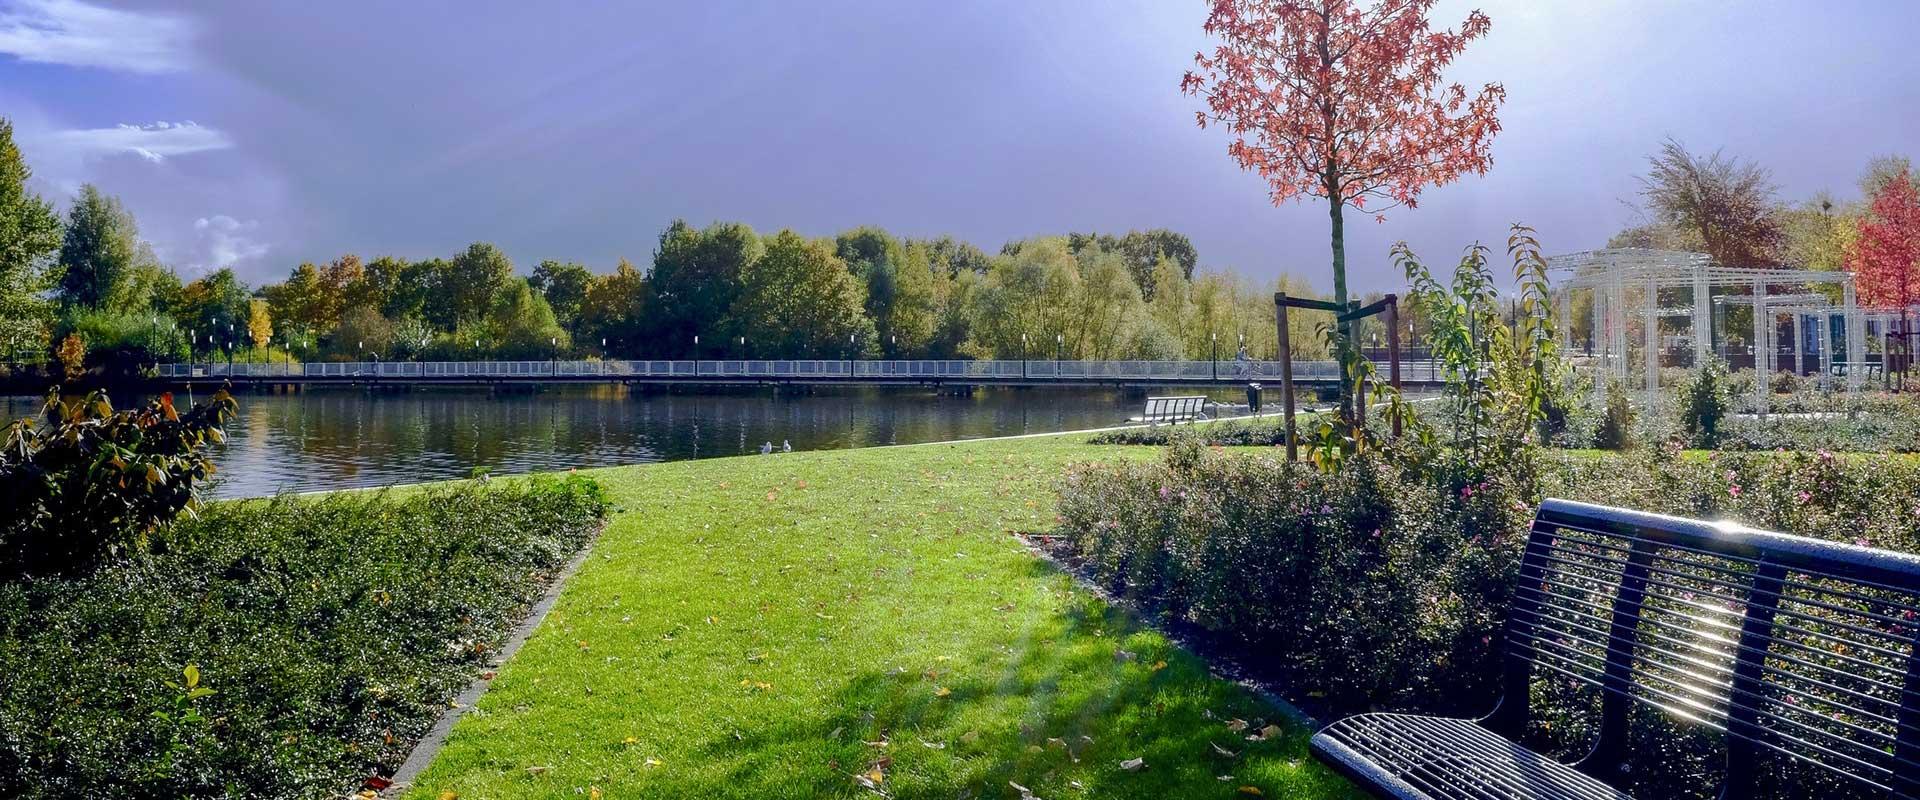 Olathe-Landscape-Company-BG